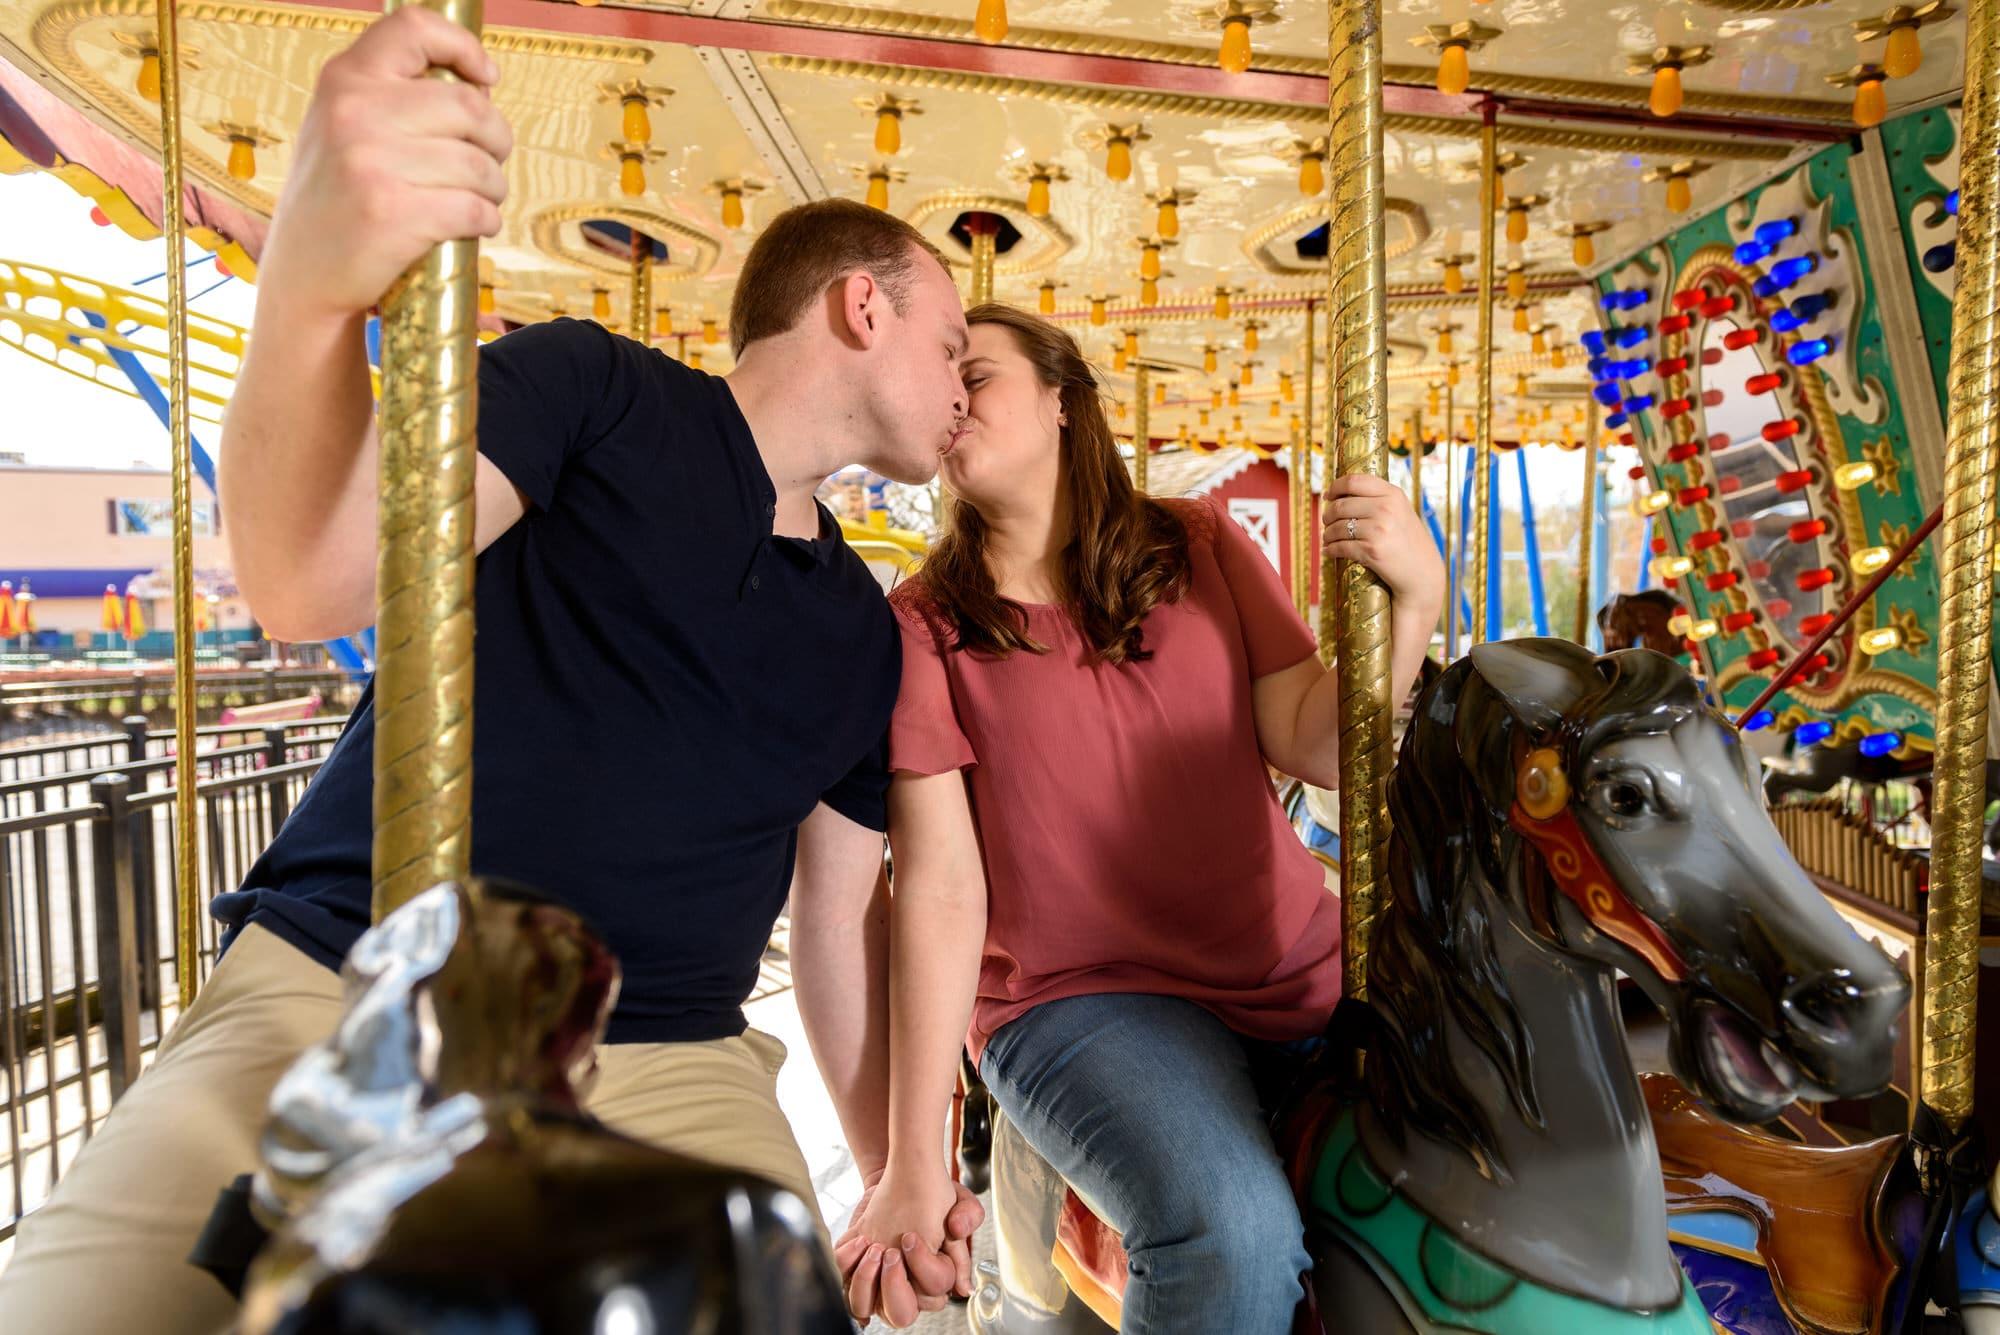 Dorney Park Amusement Park Allentown PA